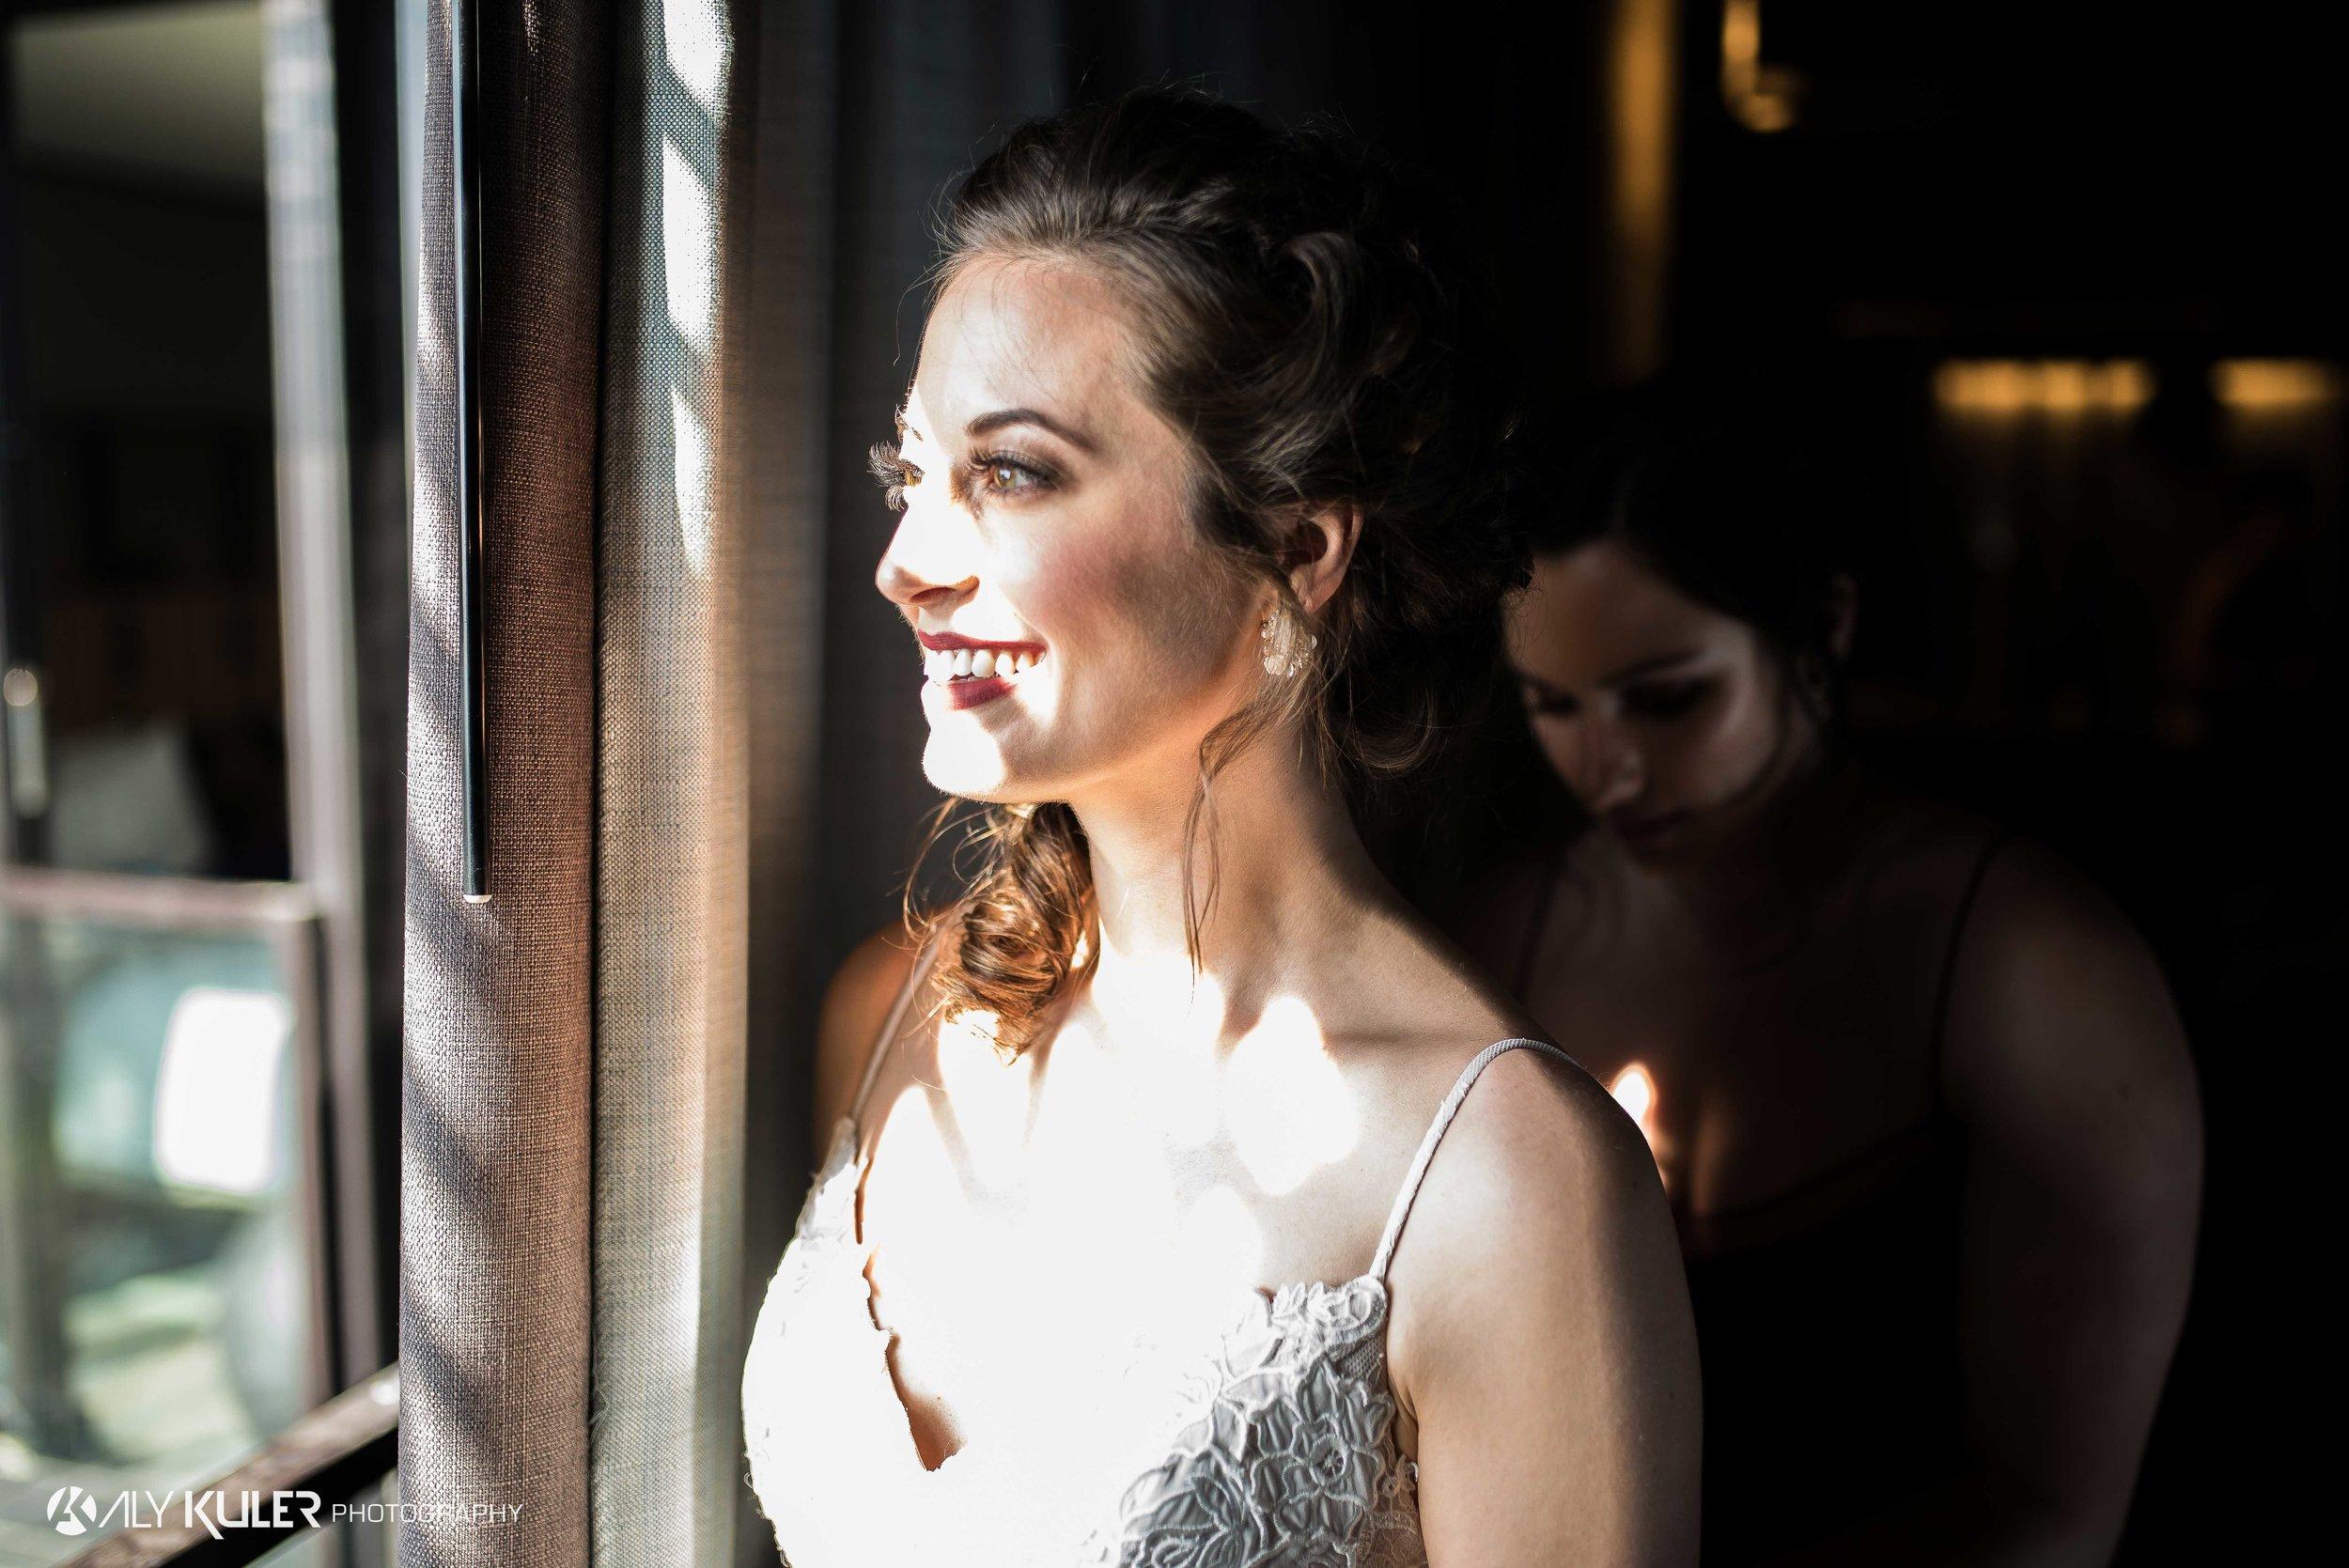 1_hotel_brooklyn_nyc_wedding_by_alykuler_photography-1023.jpg